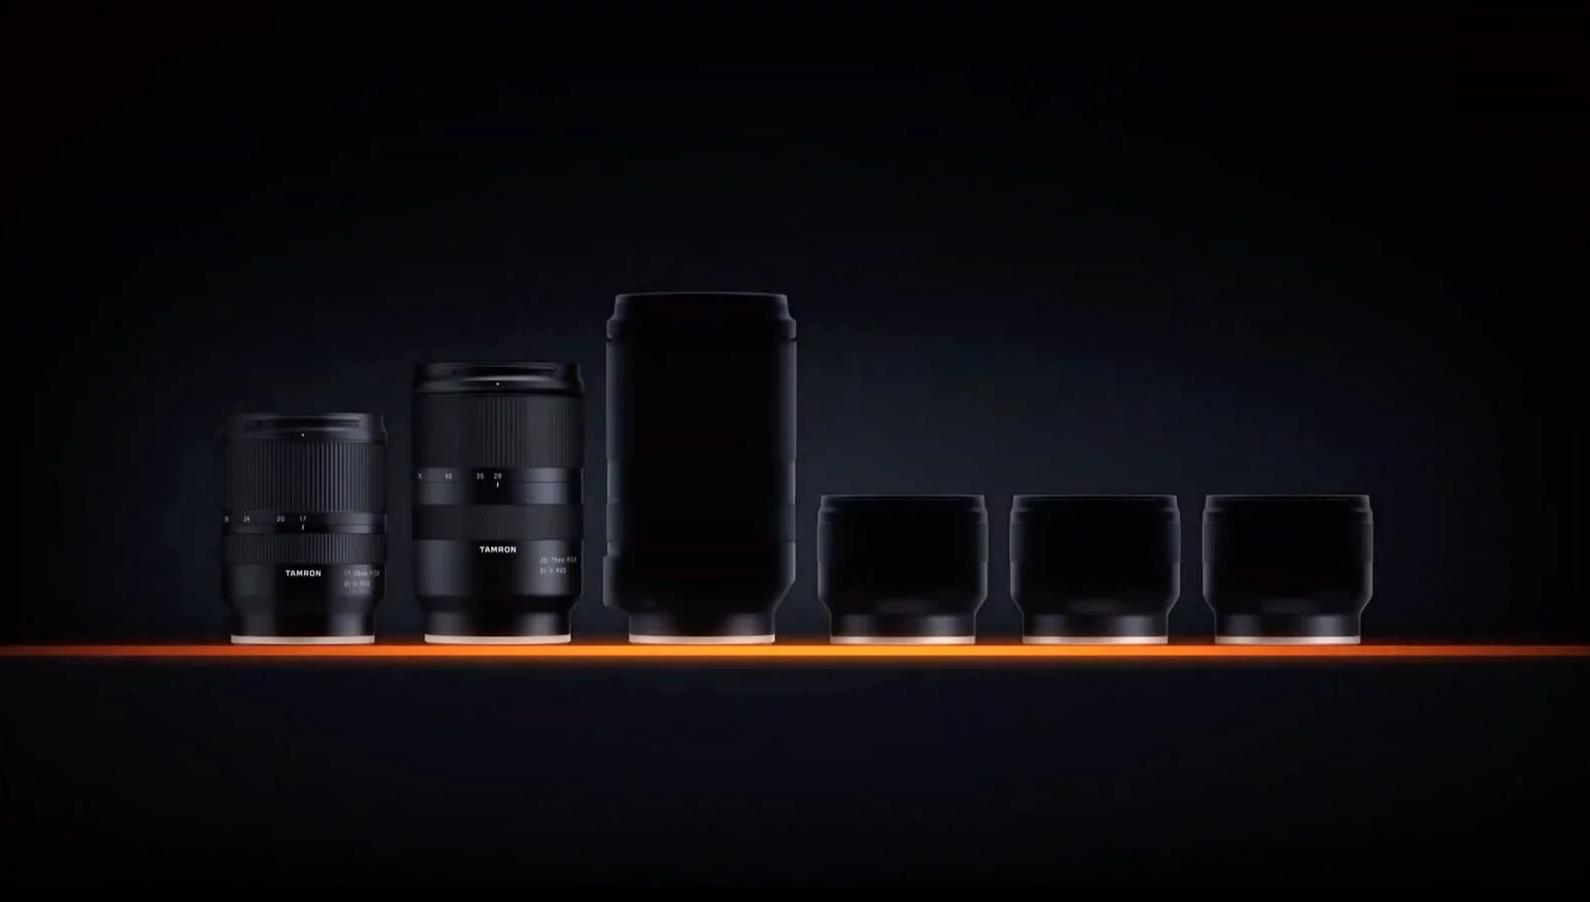 new tamron e mount lenses image